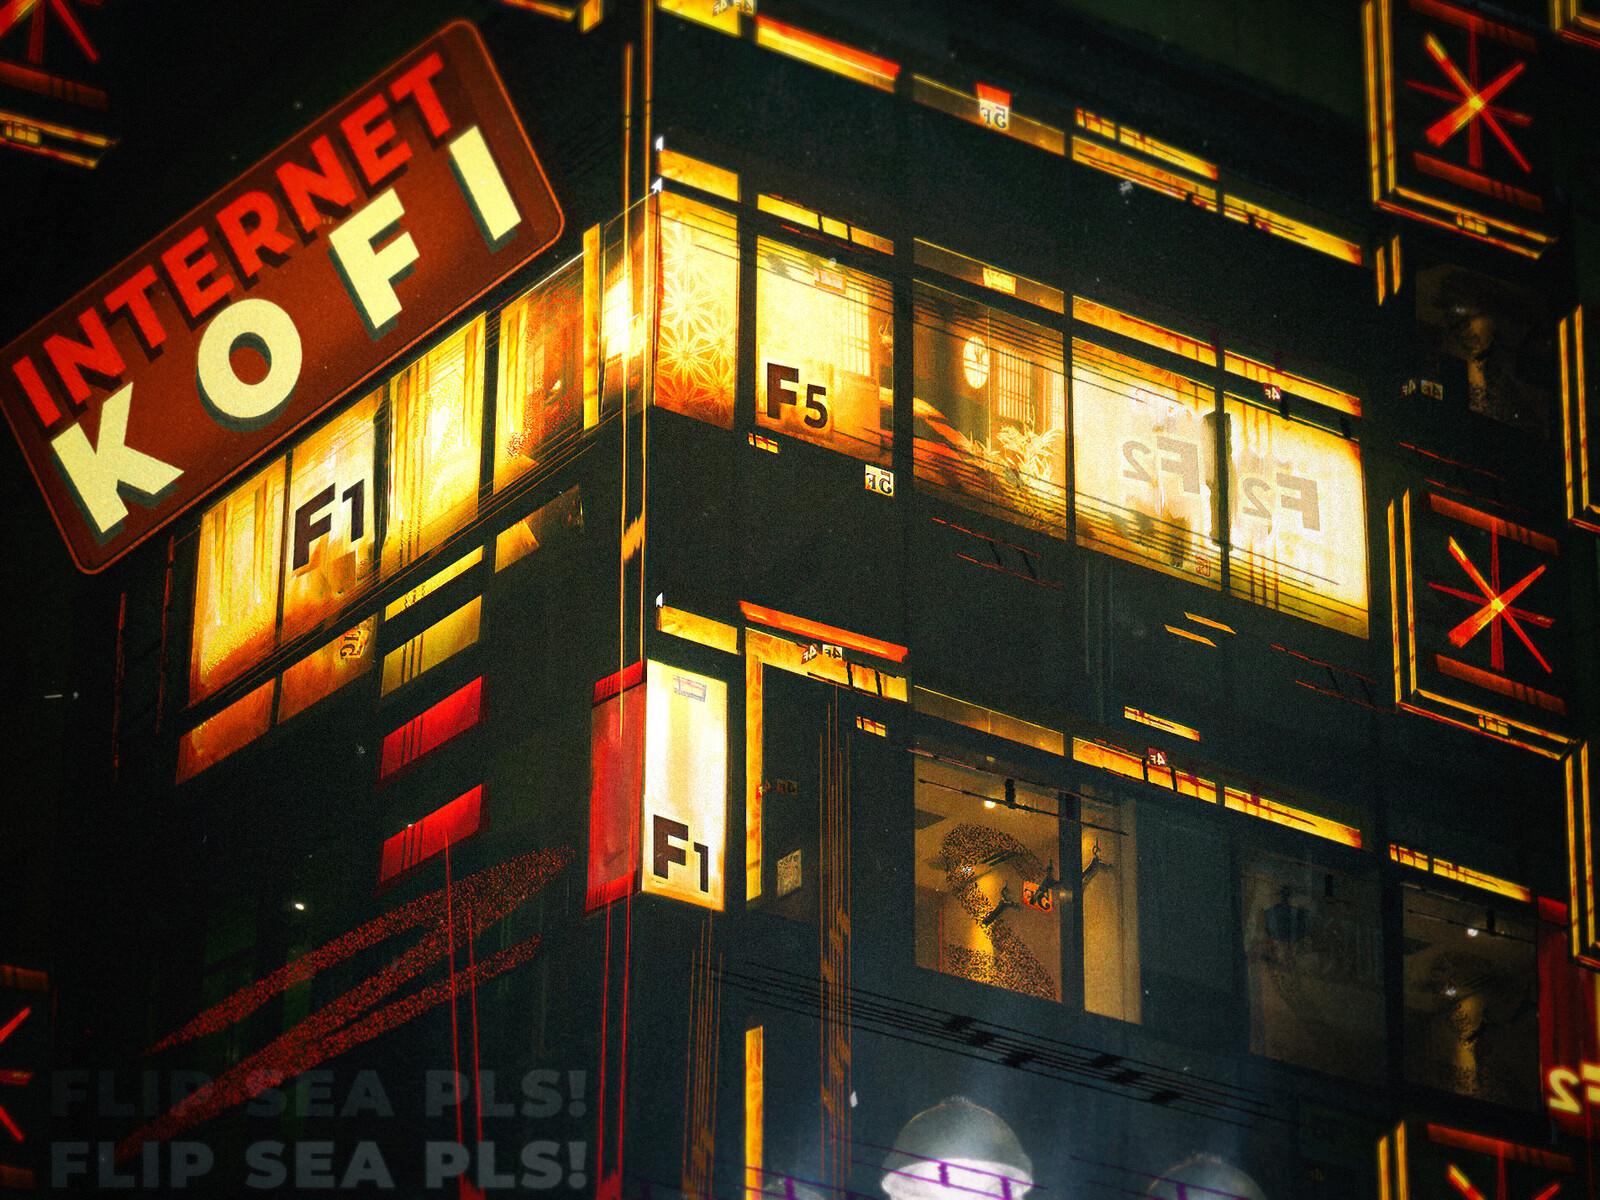 Kofi Shop